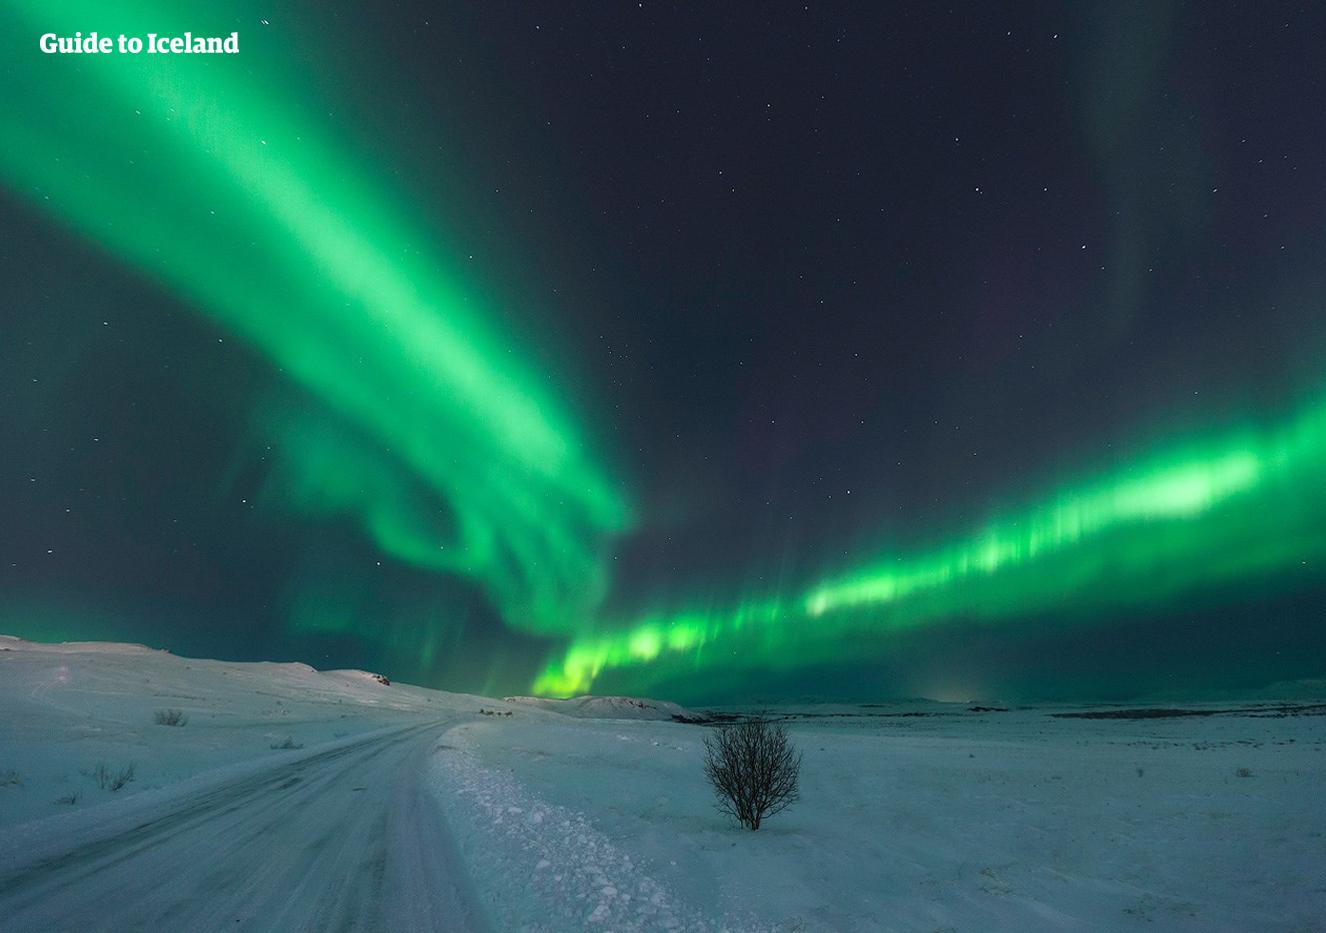 自助自驾游冰岛让你可以自己掌握旅行节奏,相比跟团游更为灵活、个性化